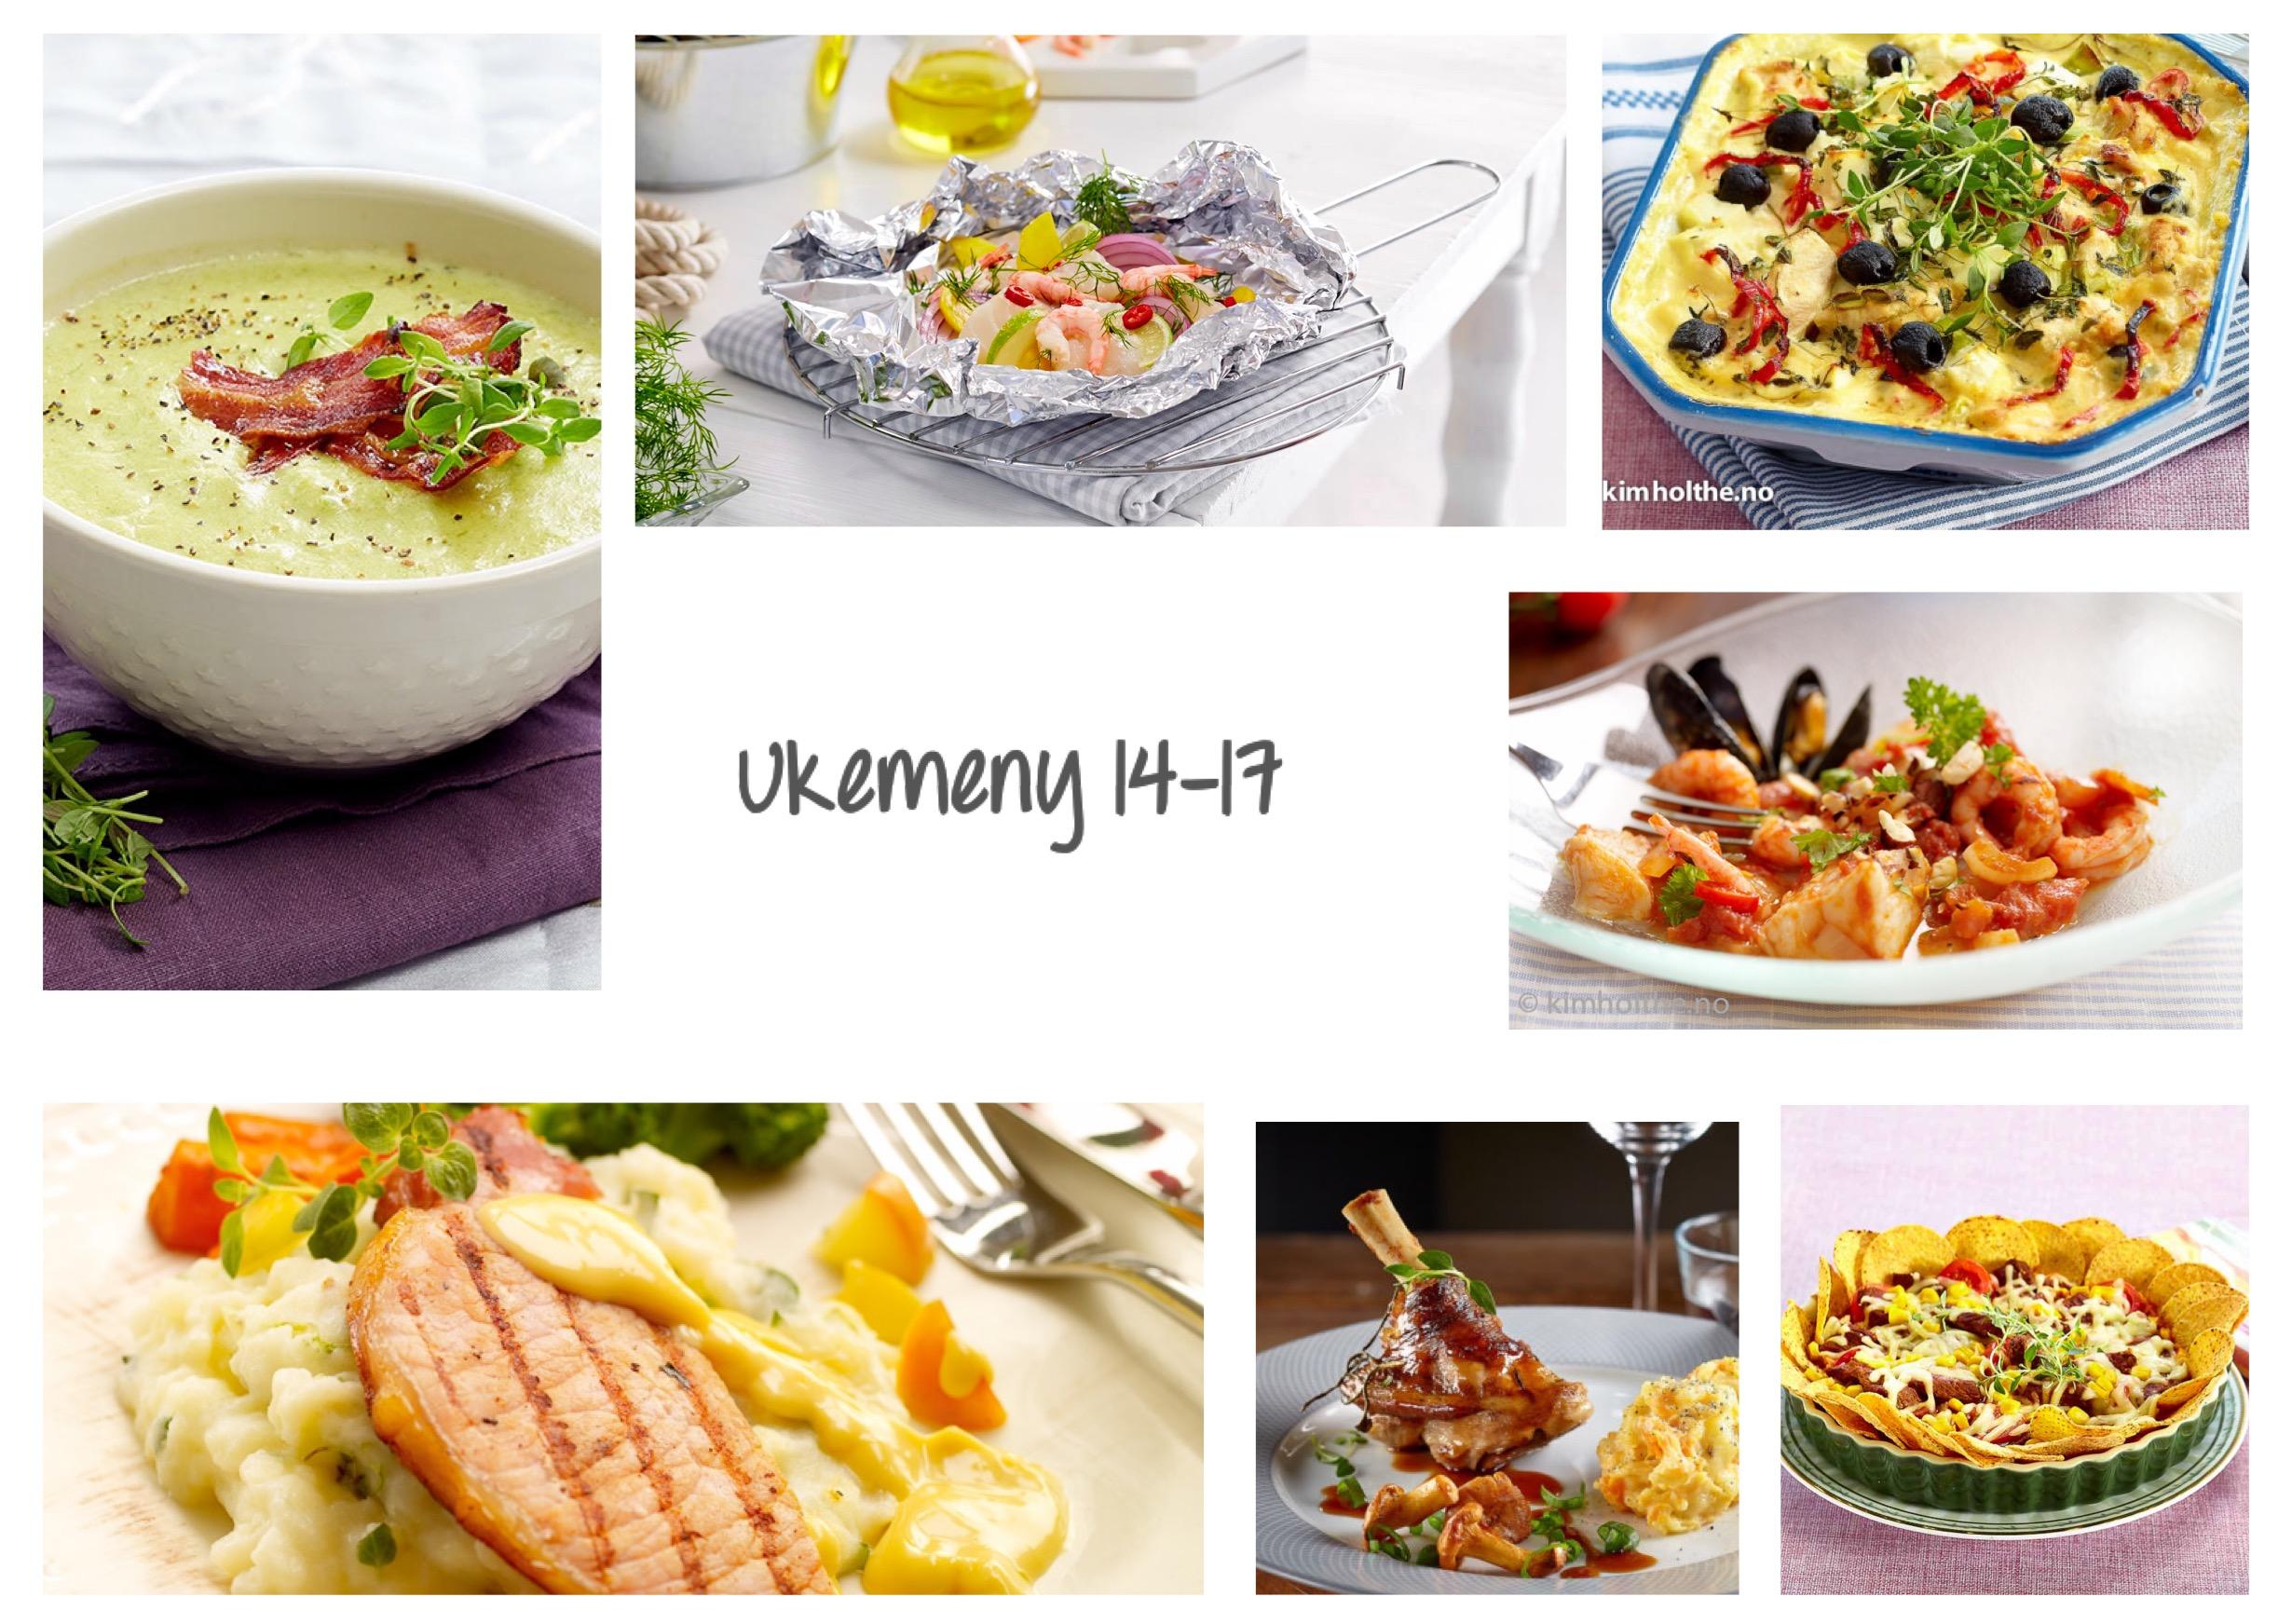 ukemeny-14-17